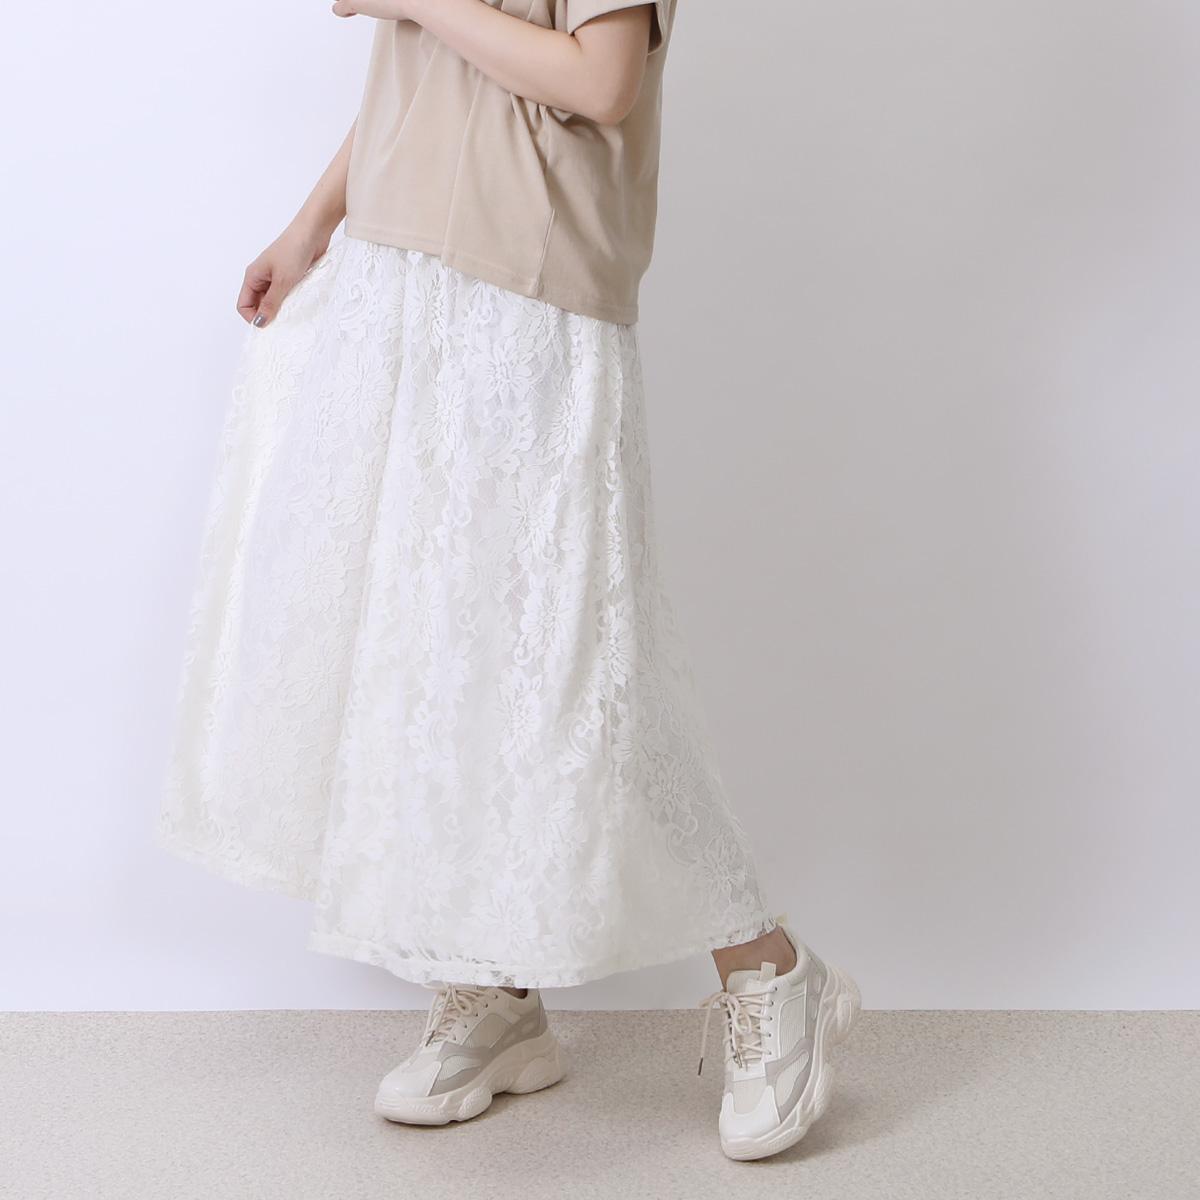 商品紹介Emma 2021年春夏新作コレクション E-5135